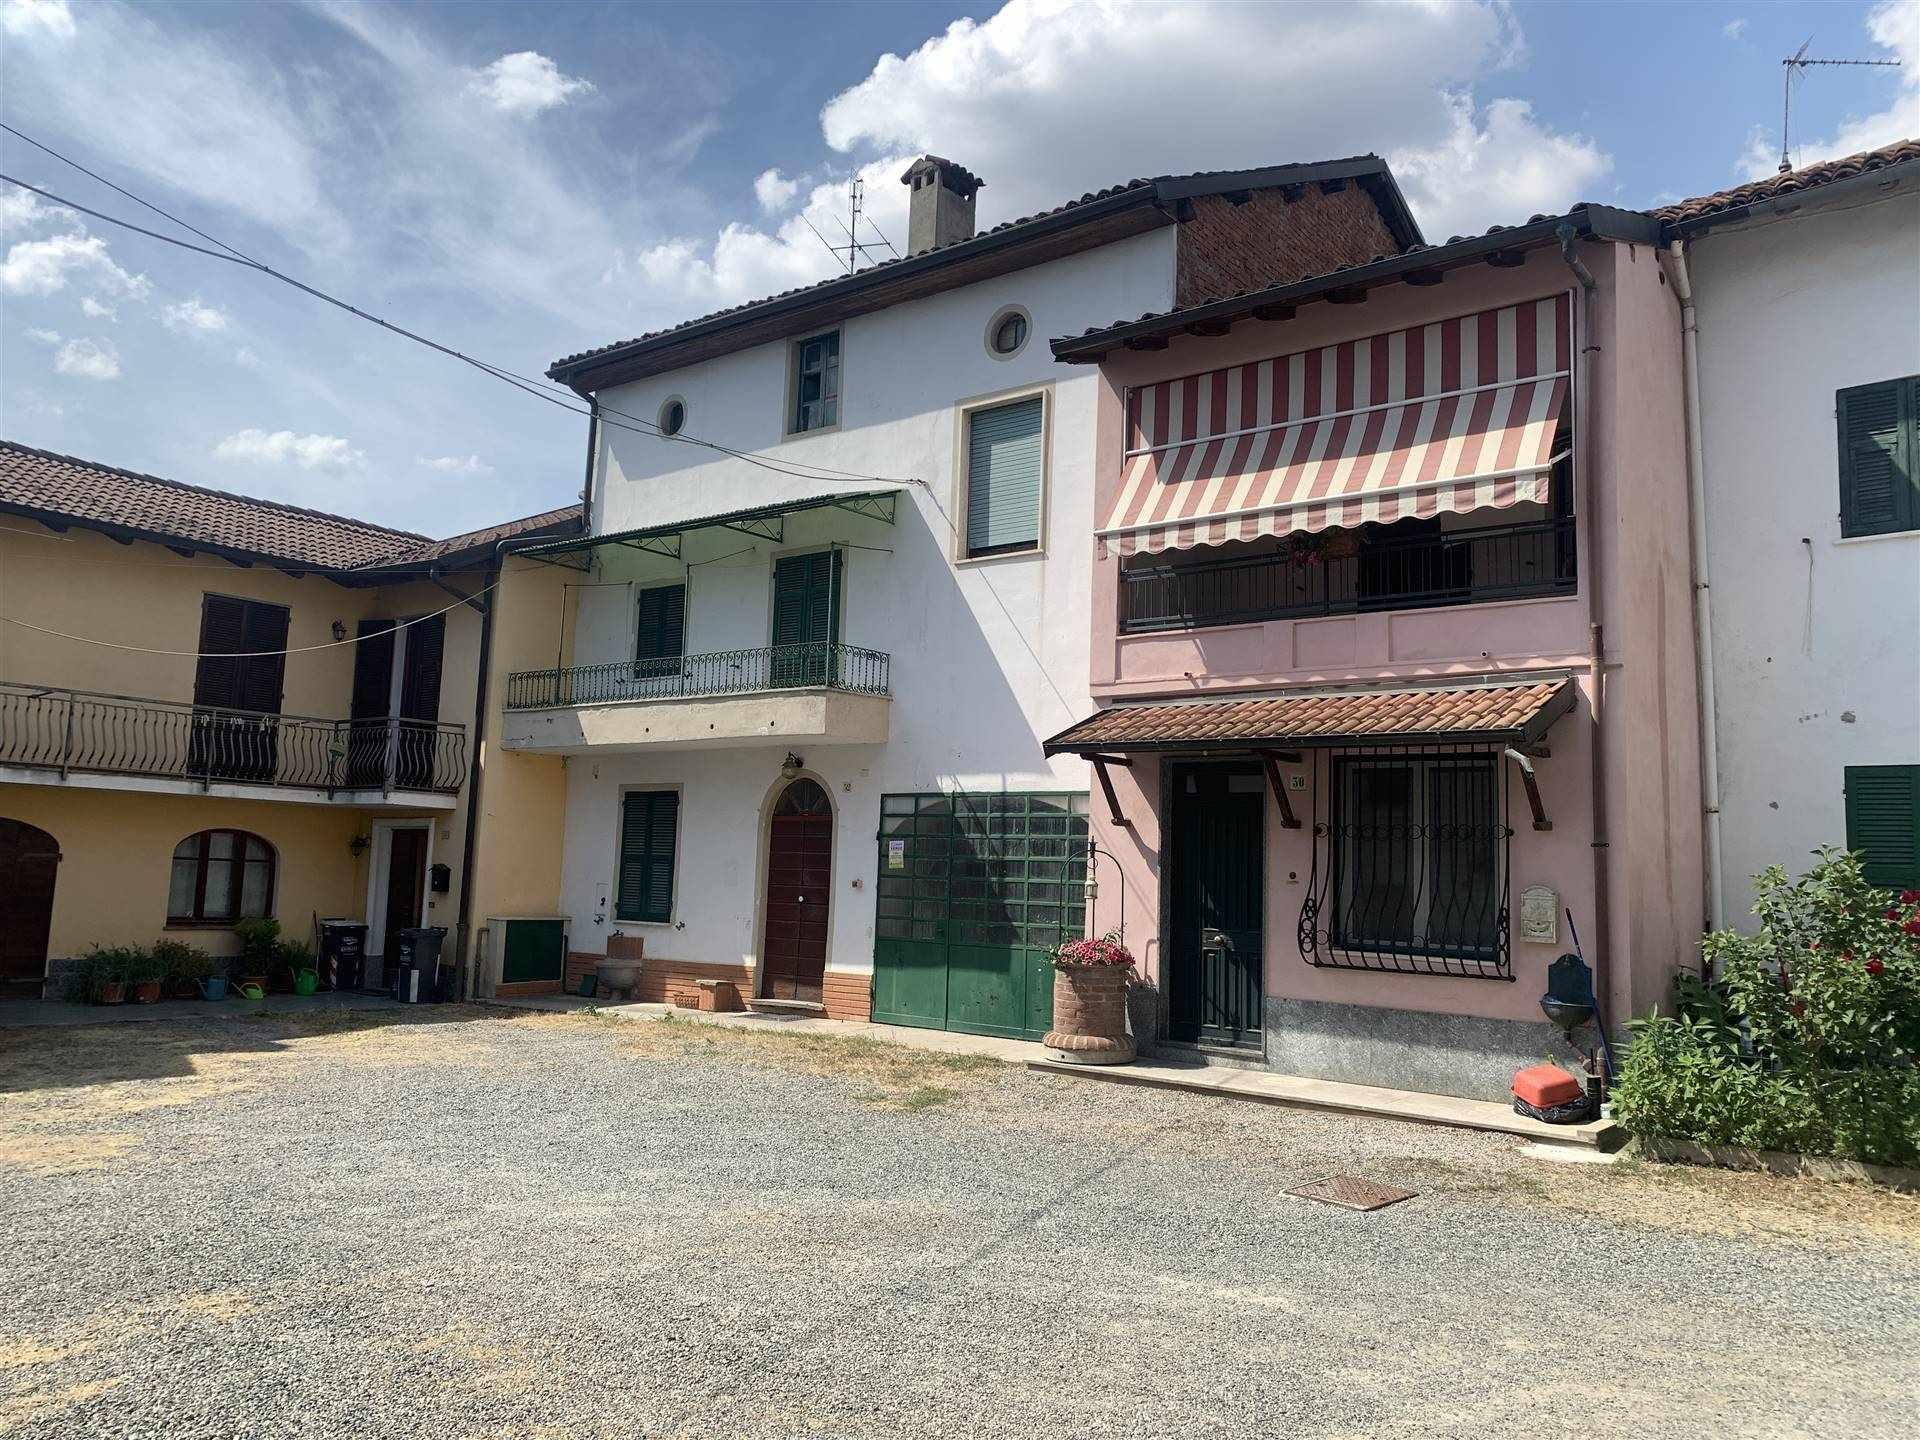 Soluzione Semindipendente in vendita a Pasturana, 7 locali, prezzo € 49.000   CambioCasa.it